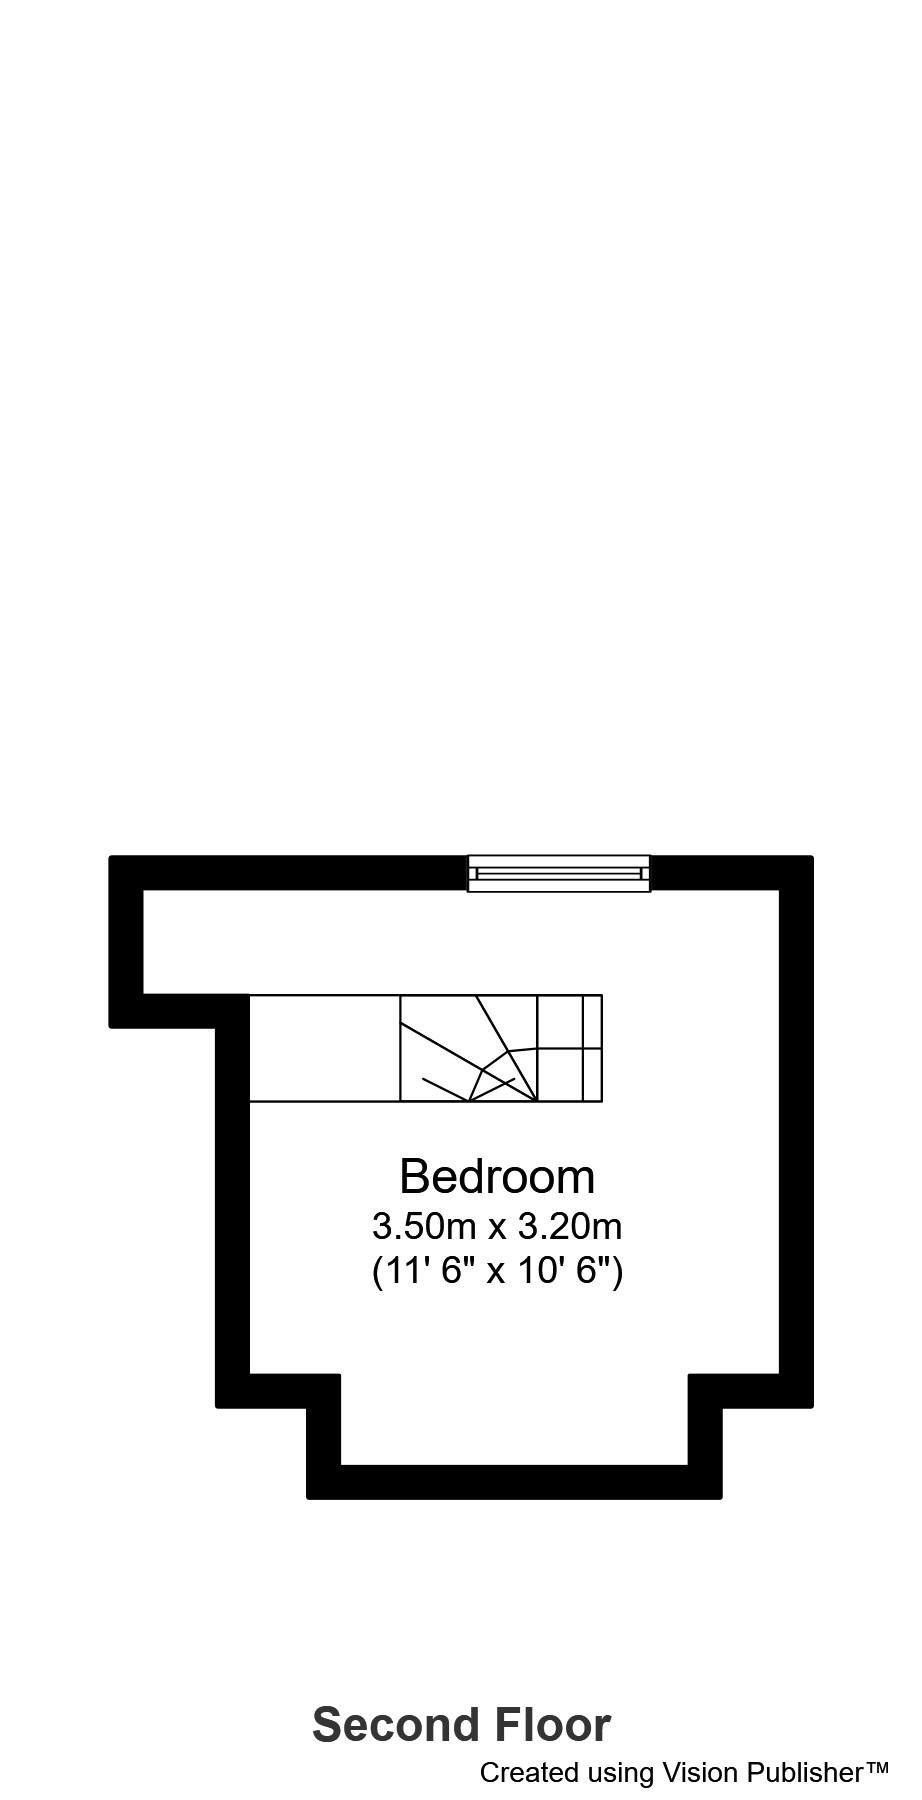 48 pennngton st top floor Floor Plans (Auto Sized)(3)